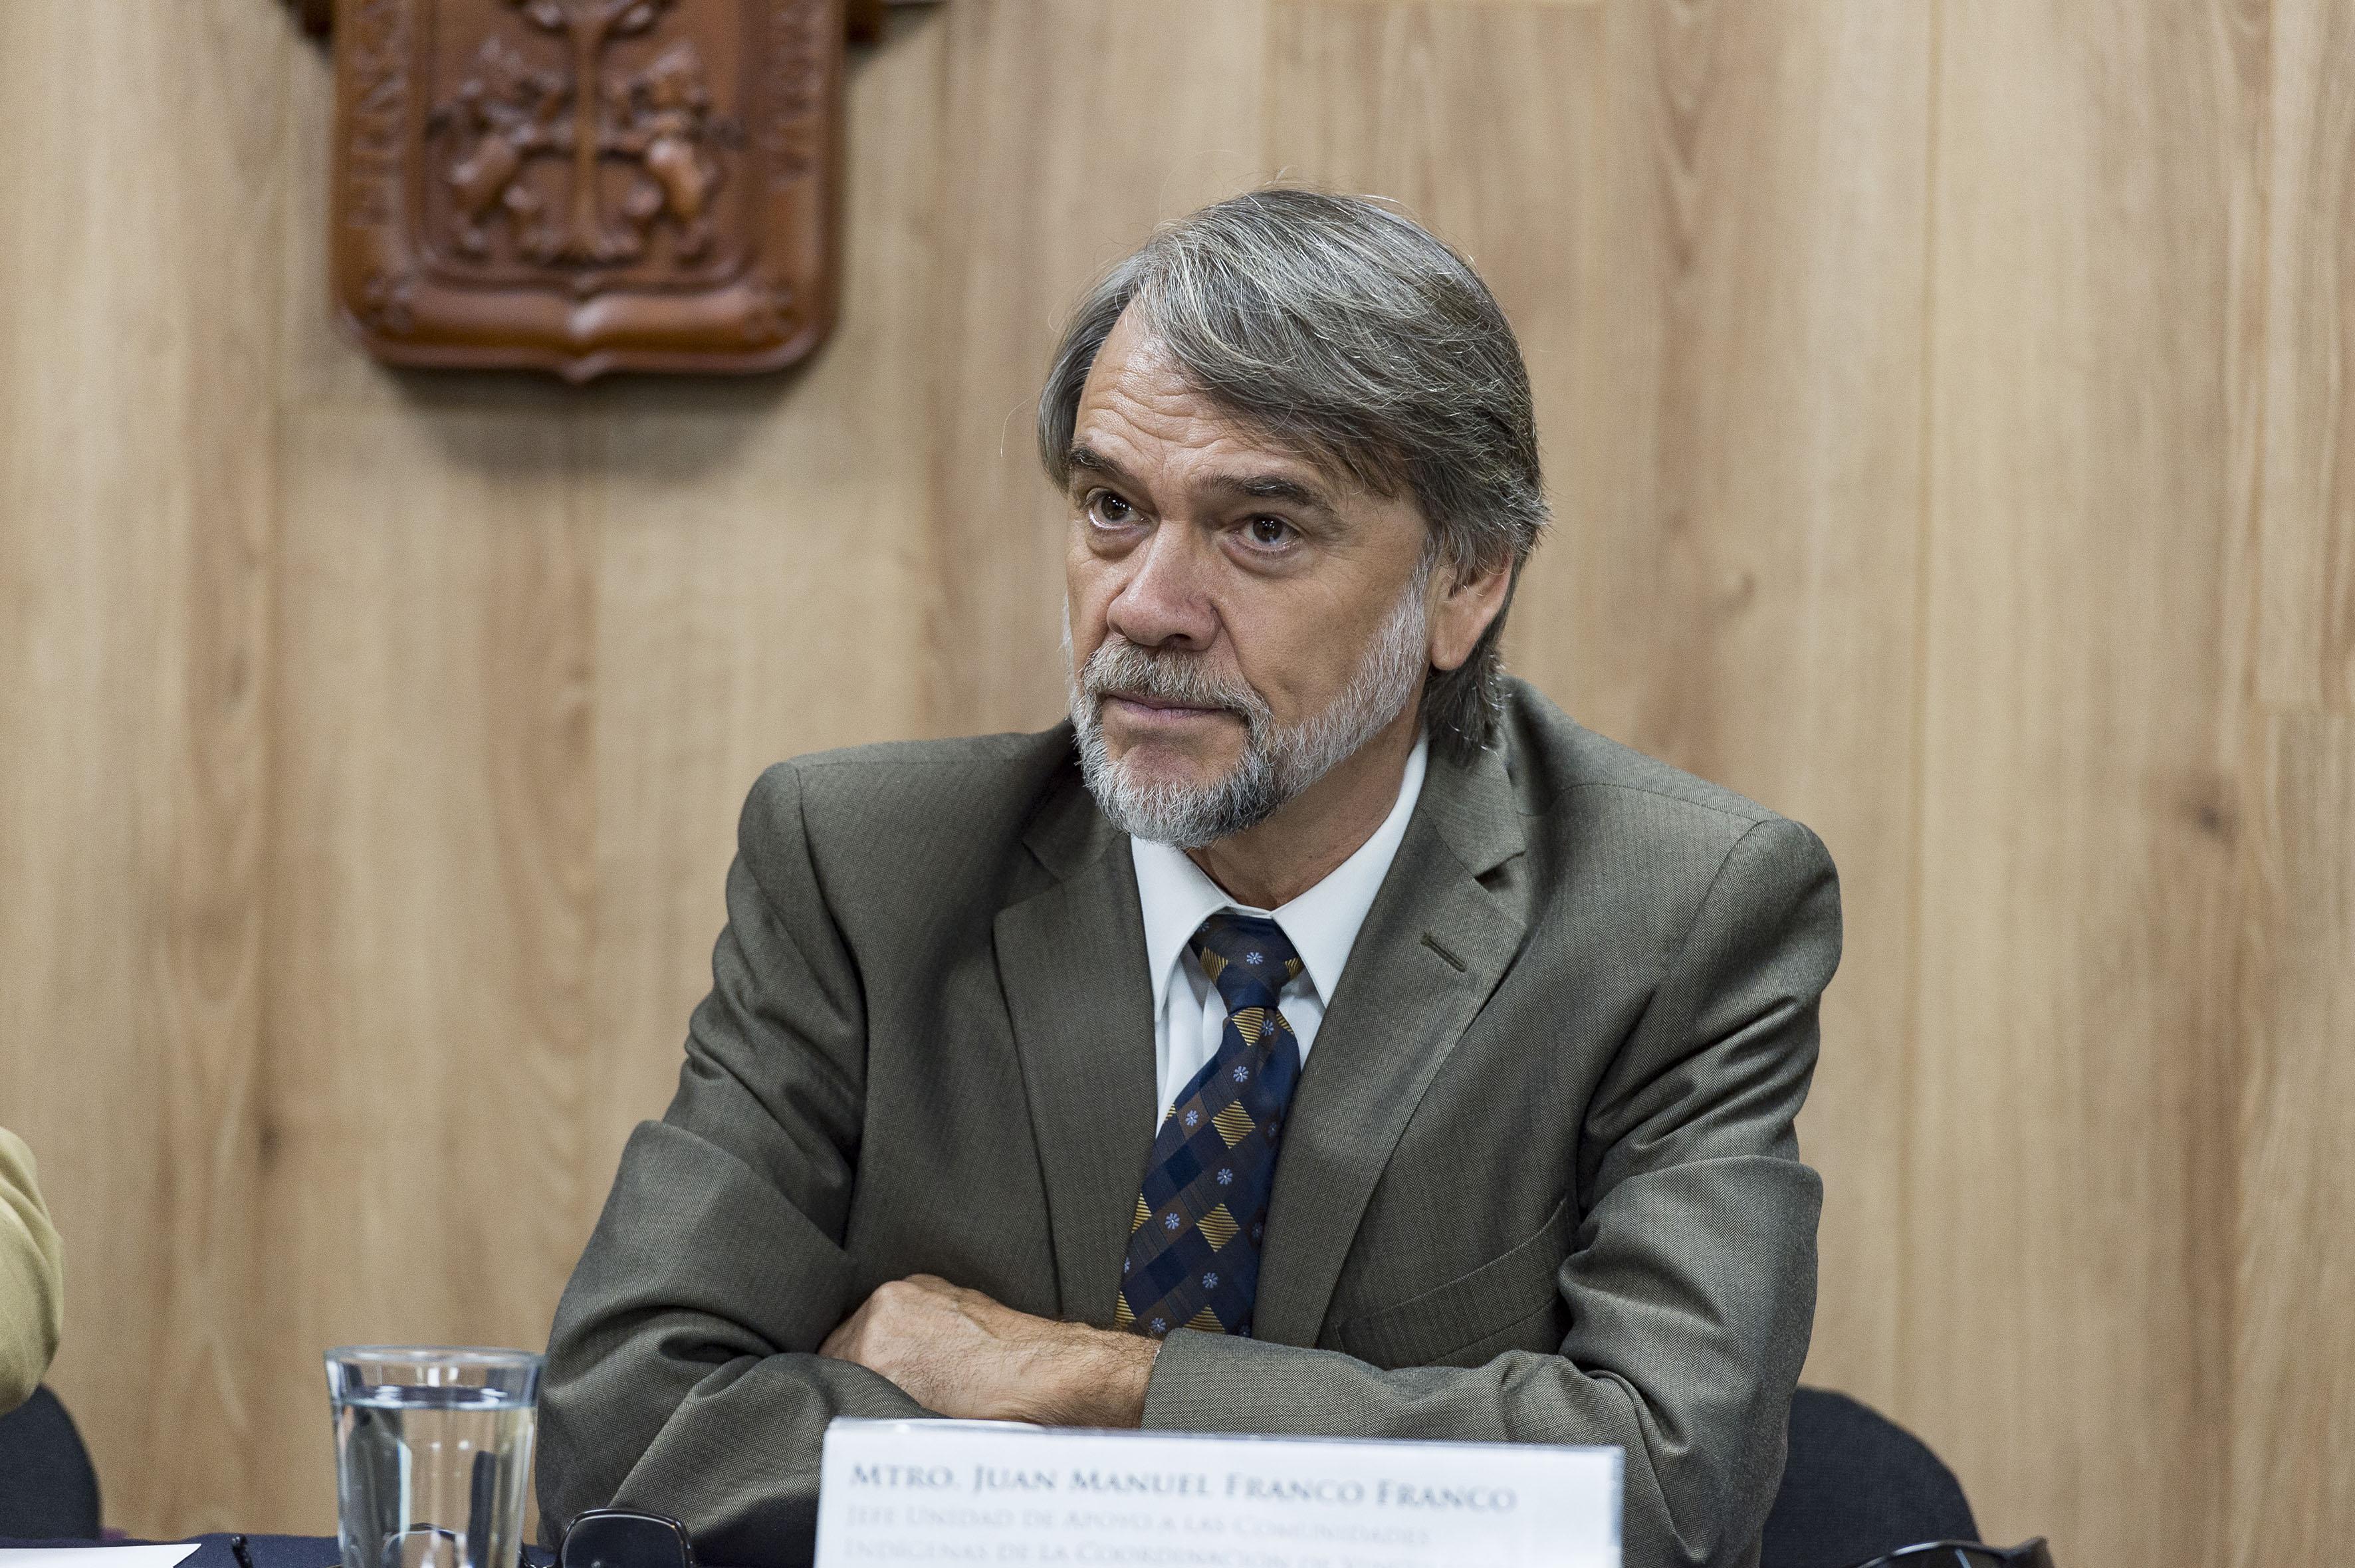 Jefe de la UACI, maestro Juan Manuel Franco Franco, participando en rueda de prensa